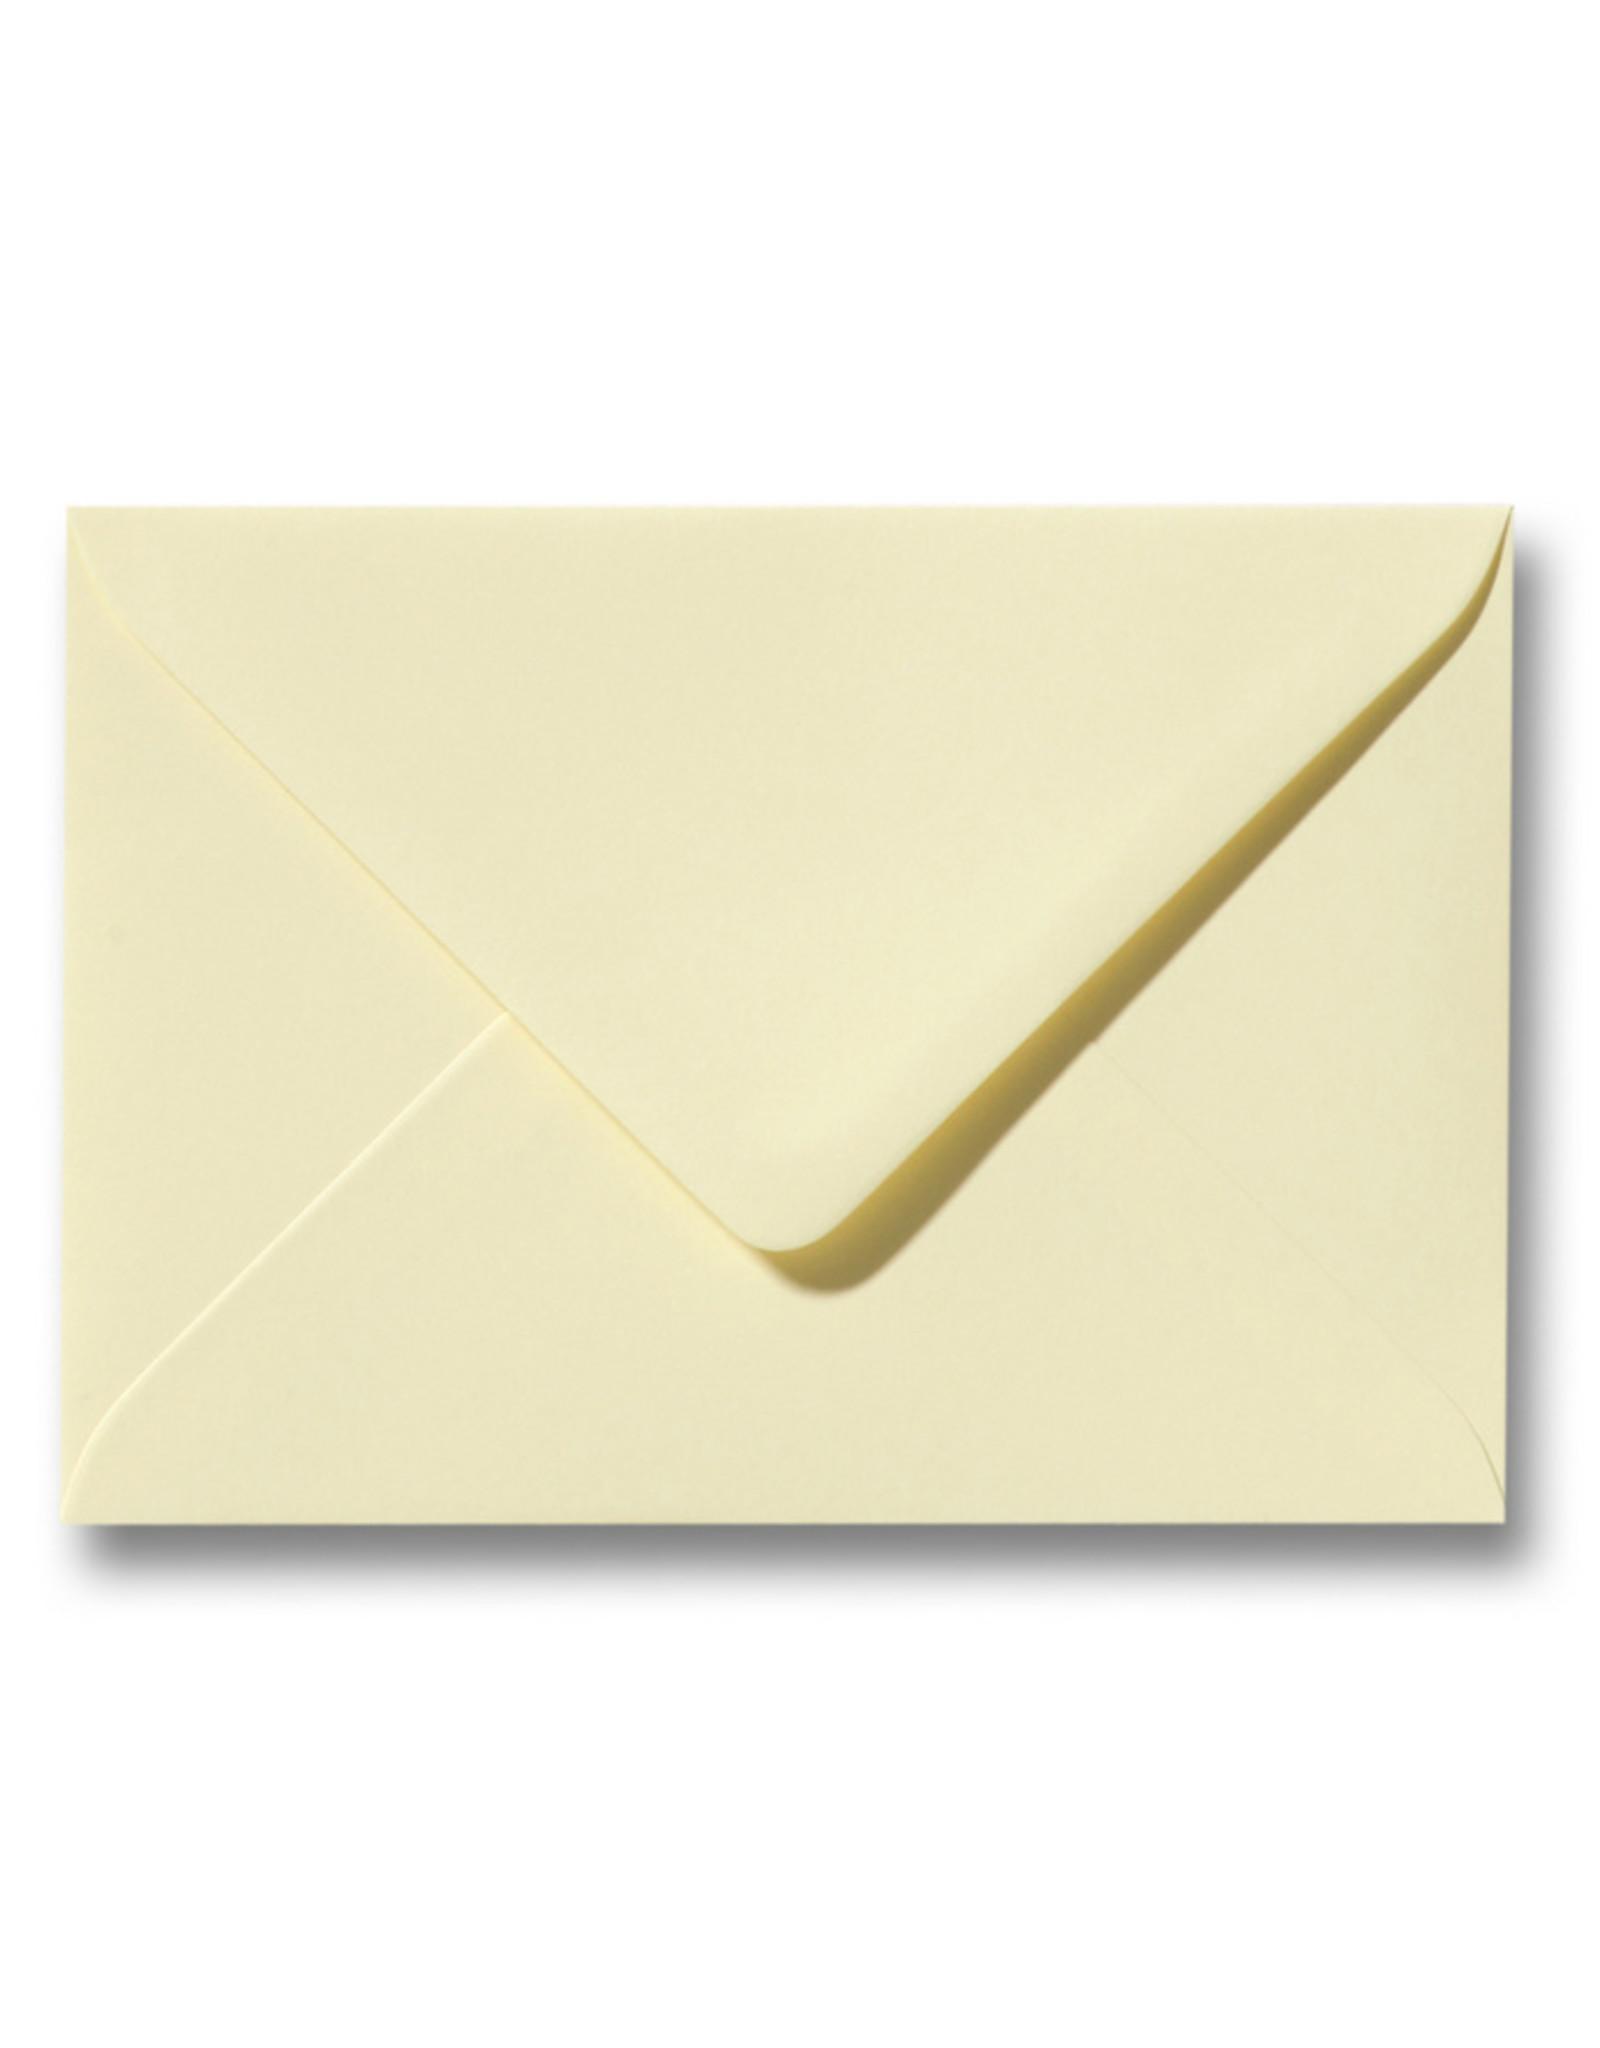 www.Robin.cards Blanco effen envelop Zachtgeel